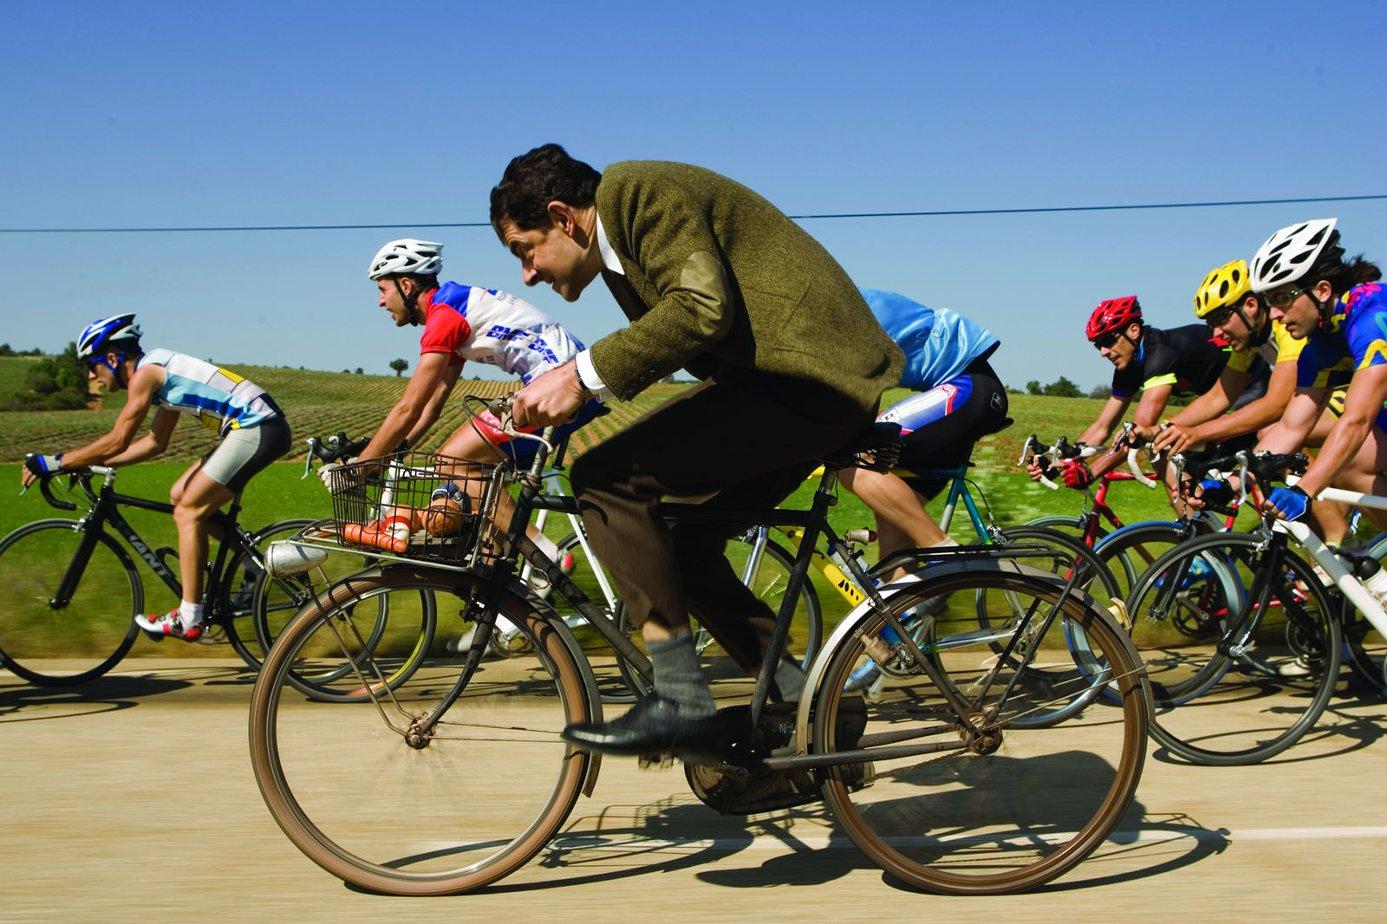 Смешные картинки на велосипедистов, женитьбой